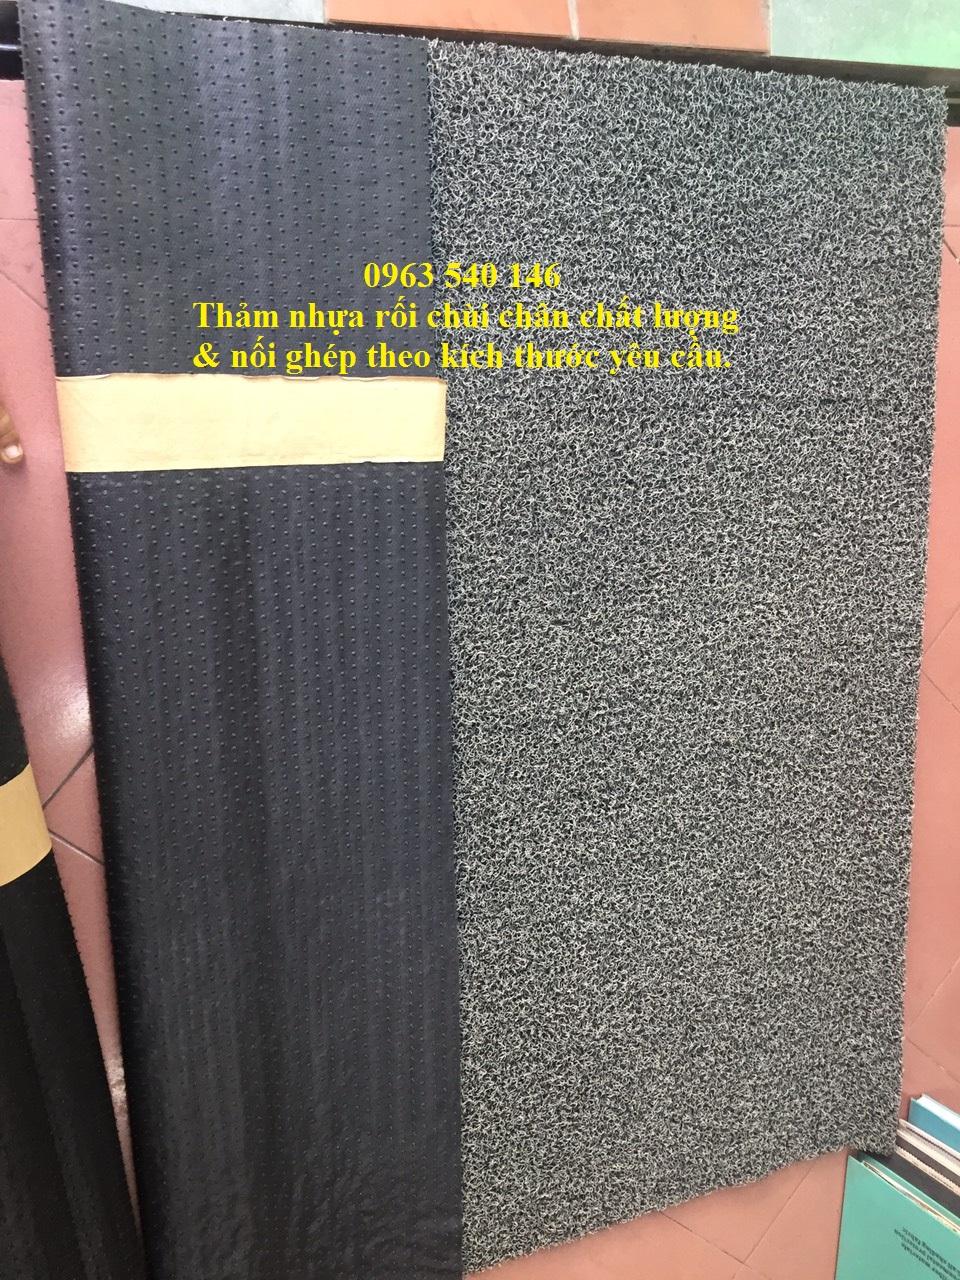 Nếu thang máy của quý khách lớn chúng tôi sẽ can thêm thảm để phù hợp với kích thước yêu cầu. Đảm bổ độ thảm mỹ tuyệt đối cho quý khách.